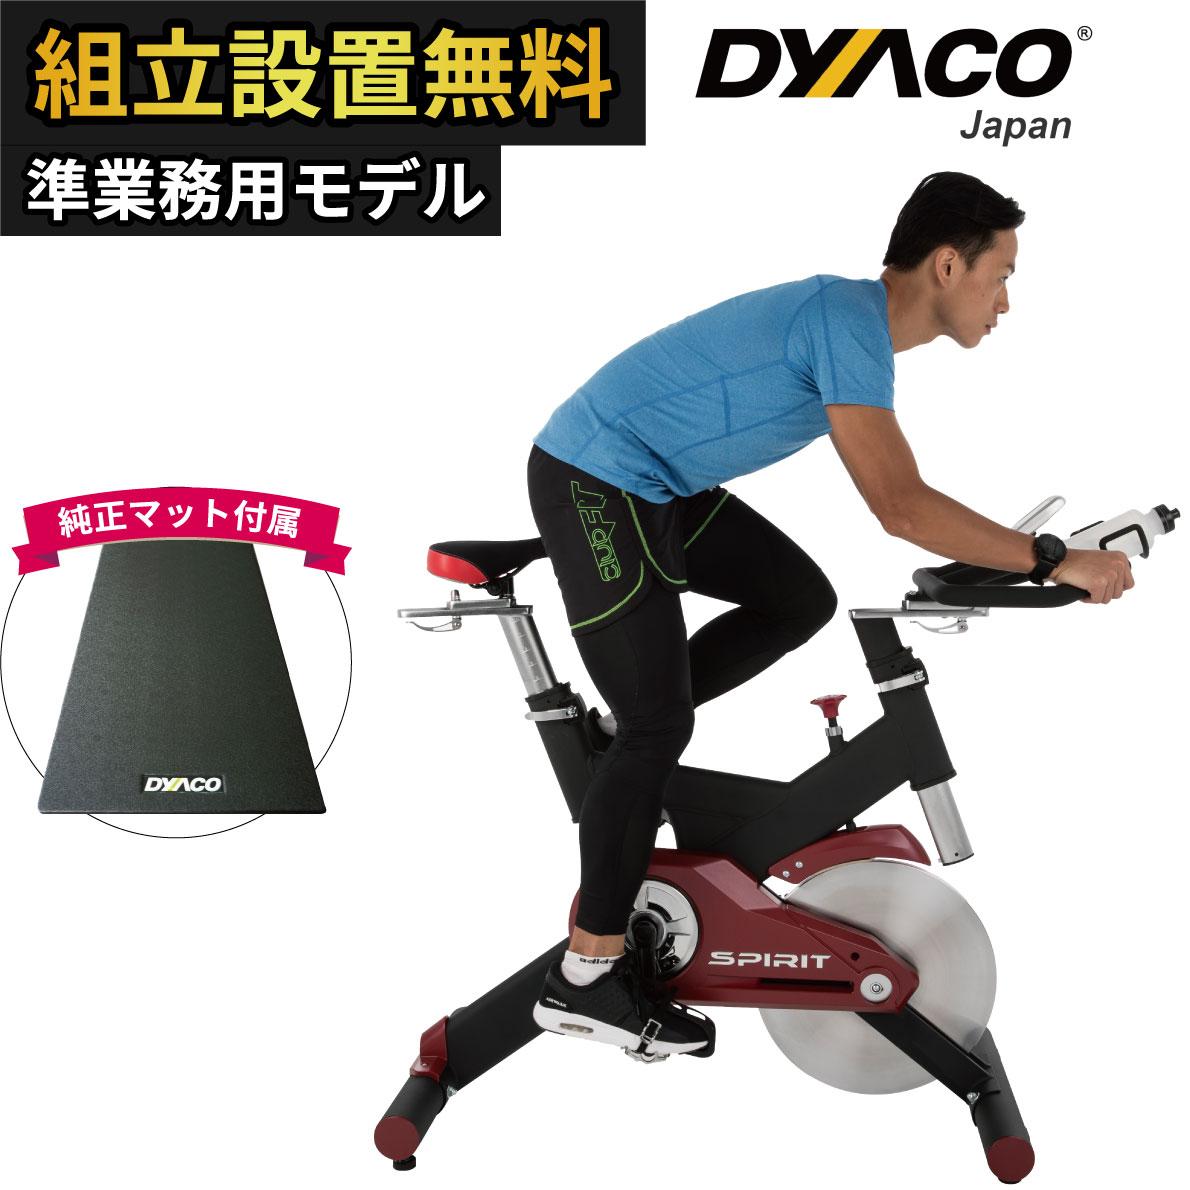 準業務用 スピンバイク SB702-3260 DYACO スピンサイクル 静音 組立設置無料 室内 ロードバイク インドアサイクル フィットネスマシン トレーニングマシン ベルトドライブ 5倍